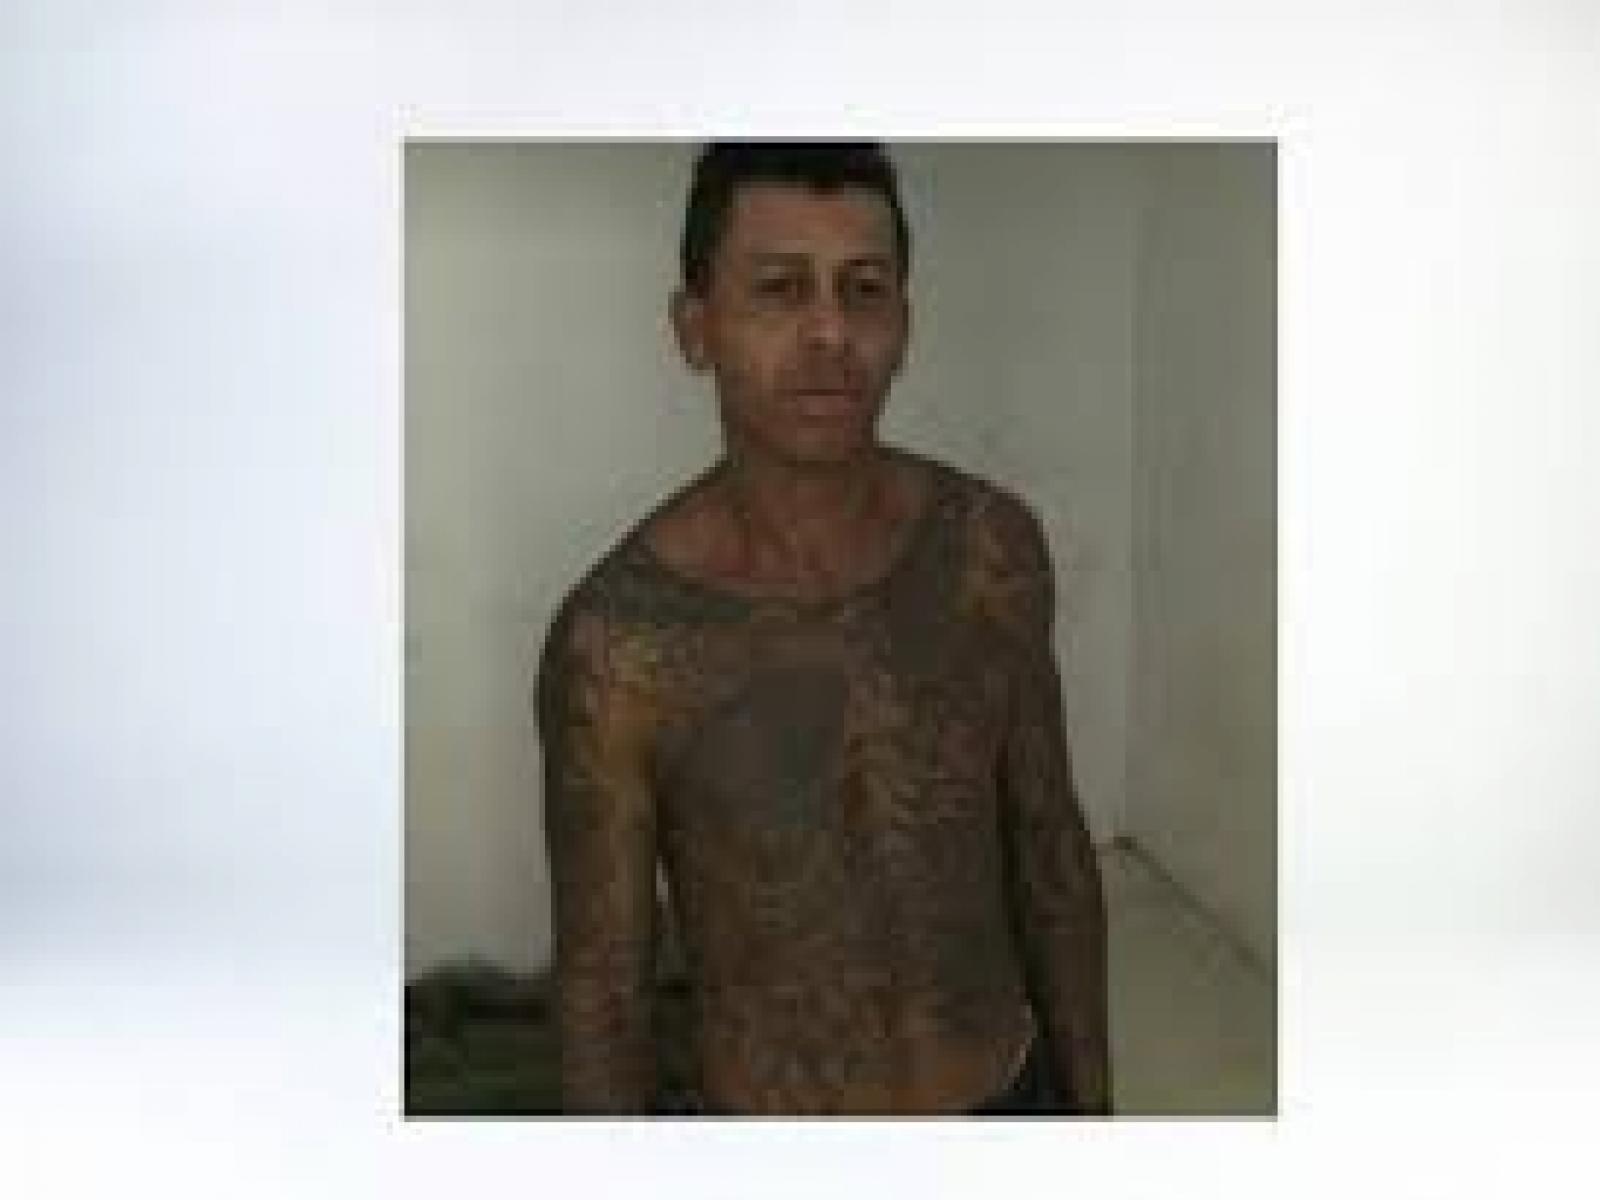 Homem é condenado a mais de 32 anos de reclusão por estupro e homicídio